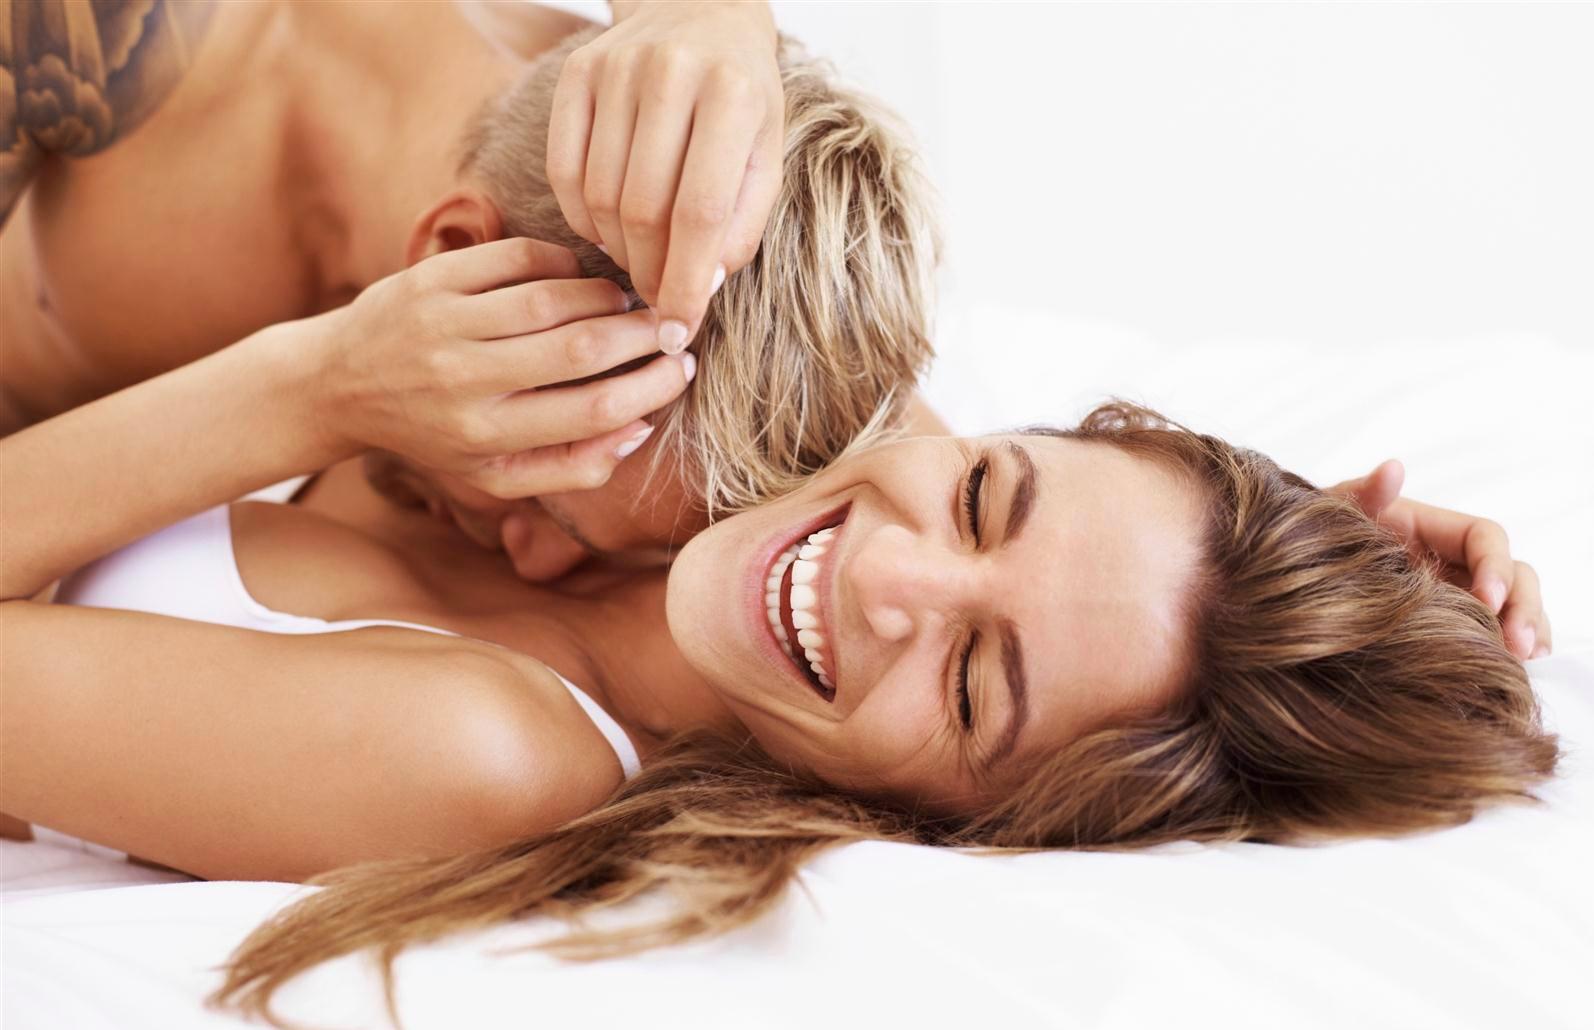 seduzione femminile coppia cerca donna milano